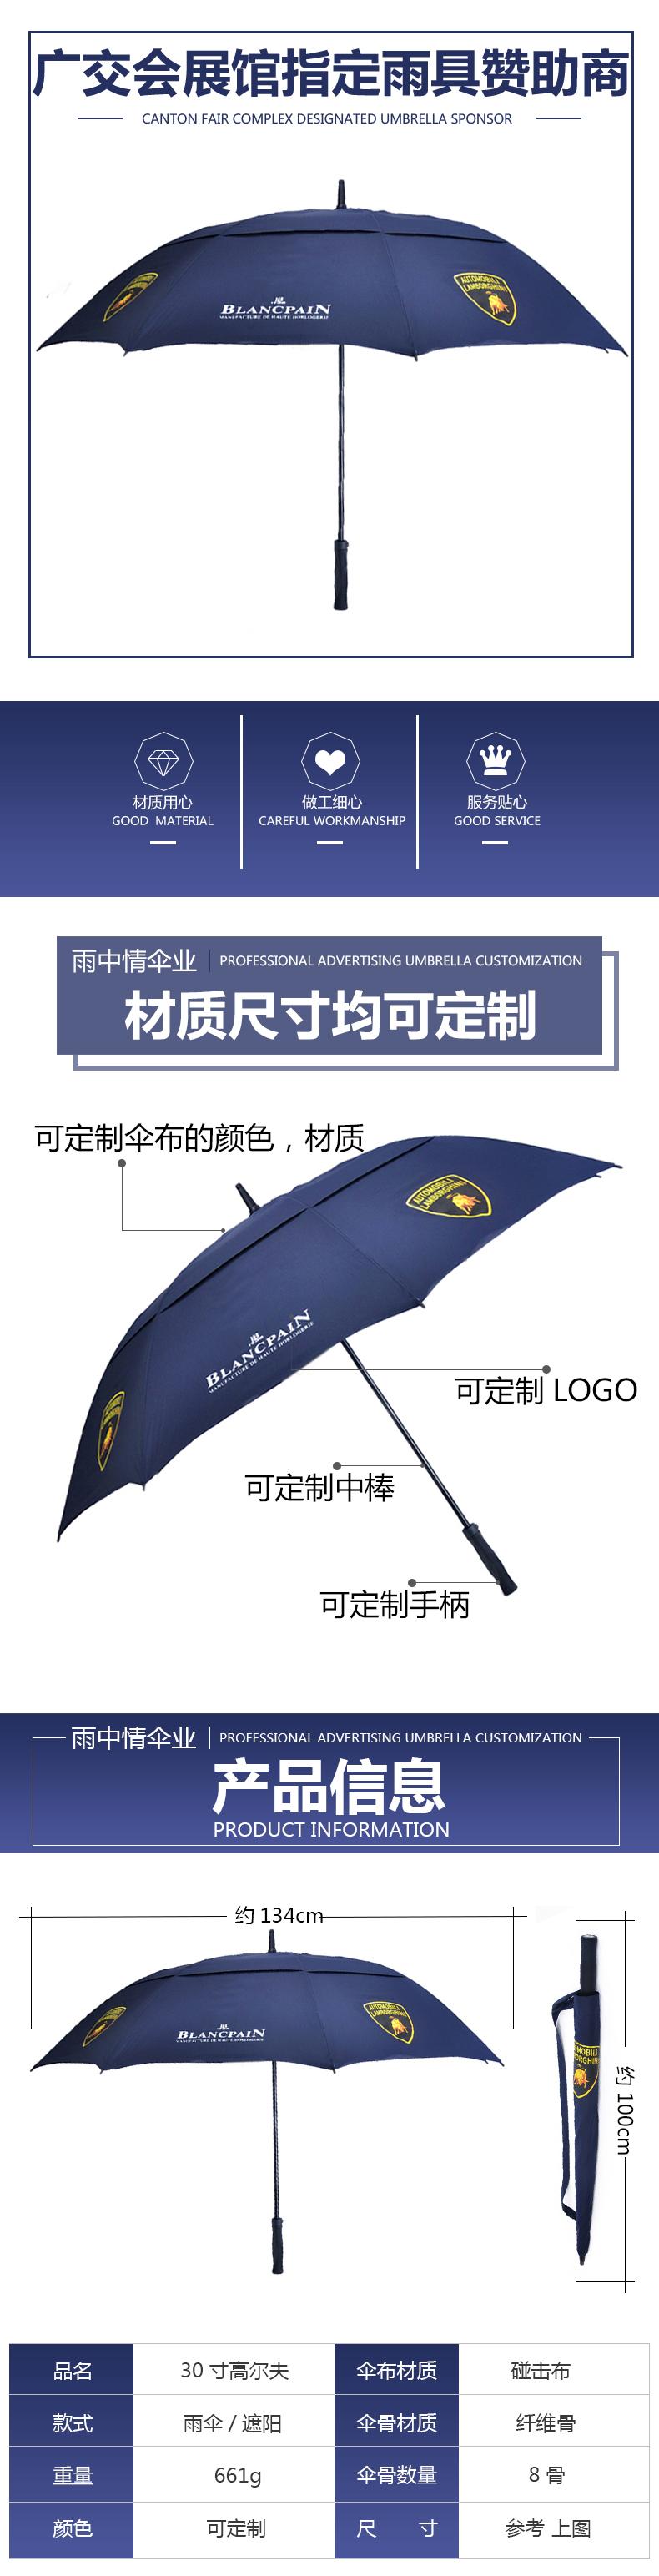 中文官网详情页1.jpg